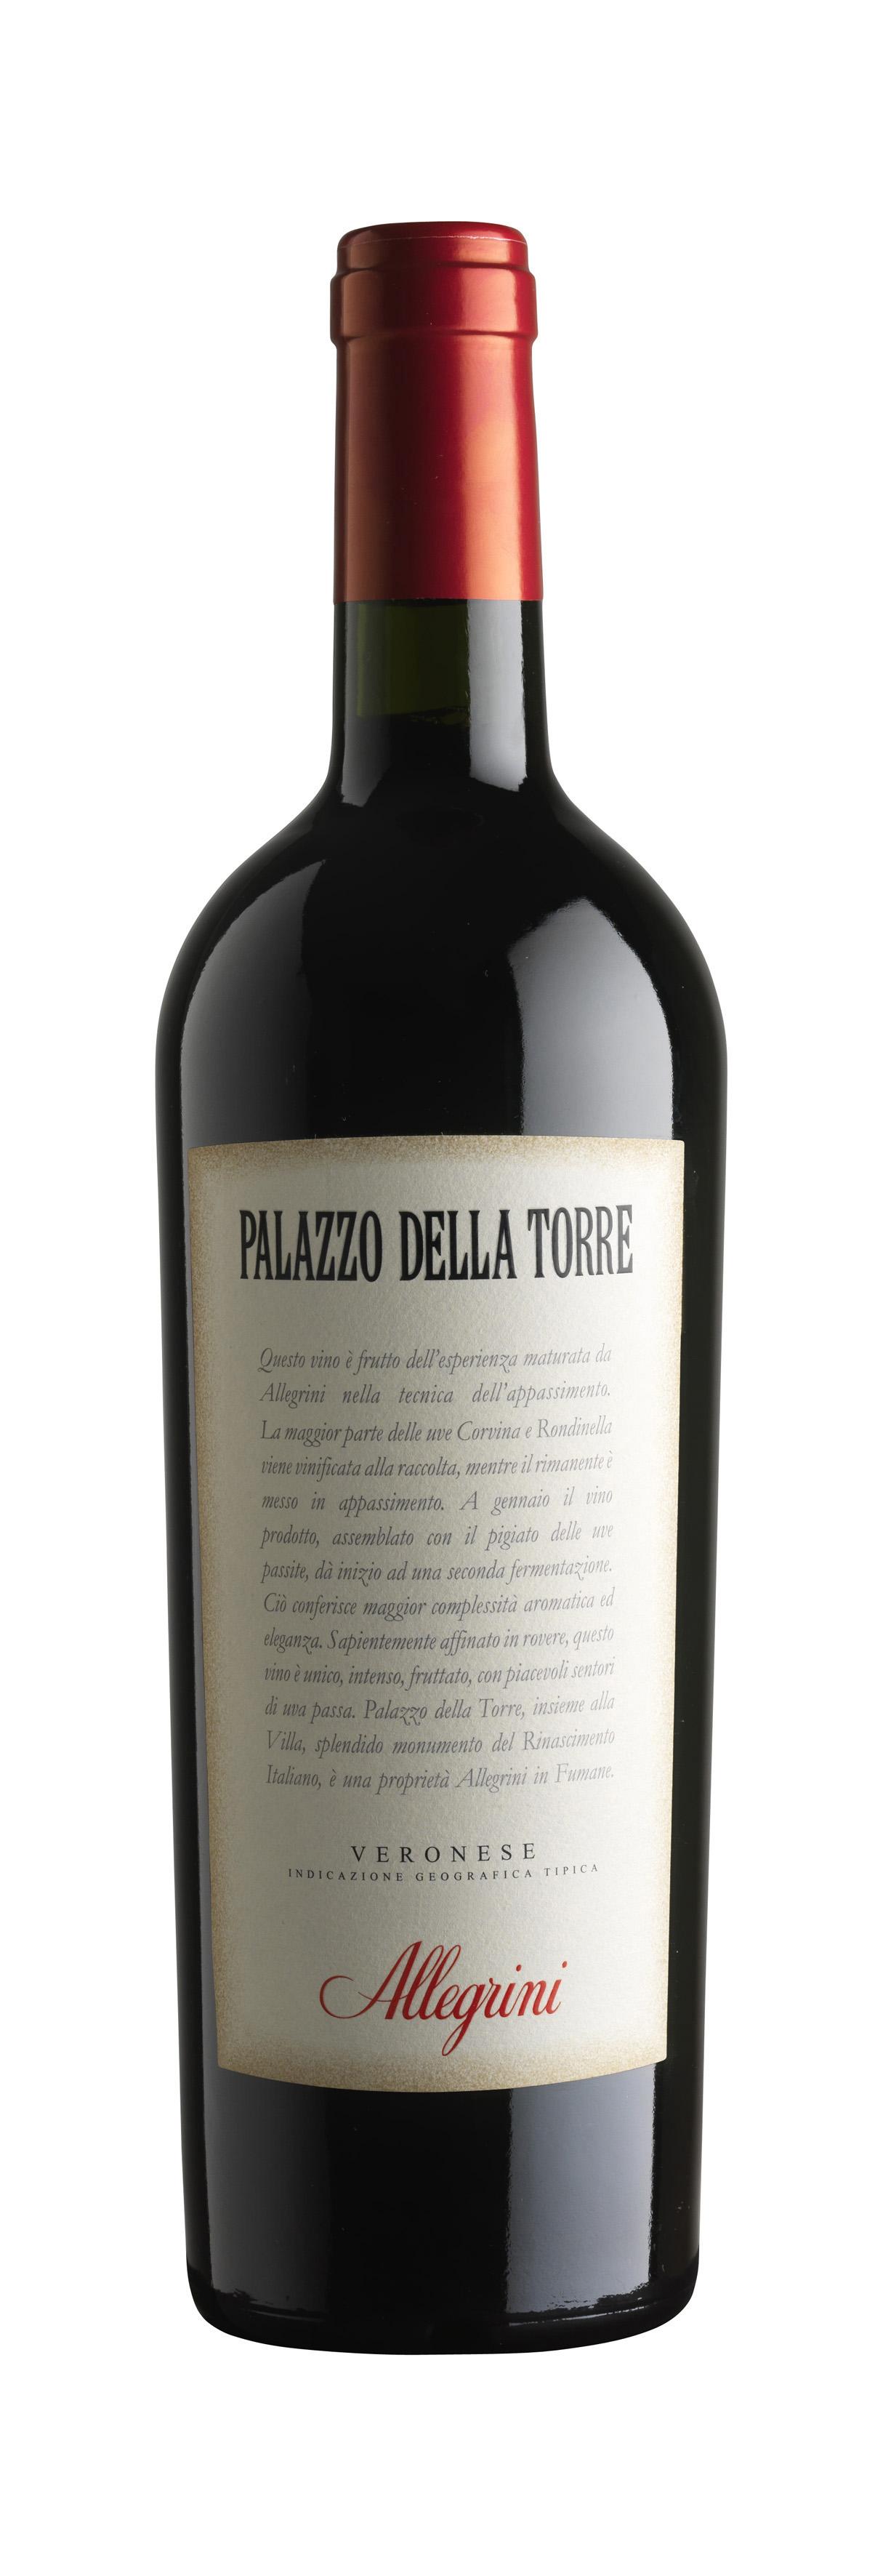 516016 - Allegrini - Palazzo Della Torre.jpg